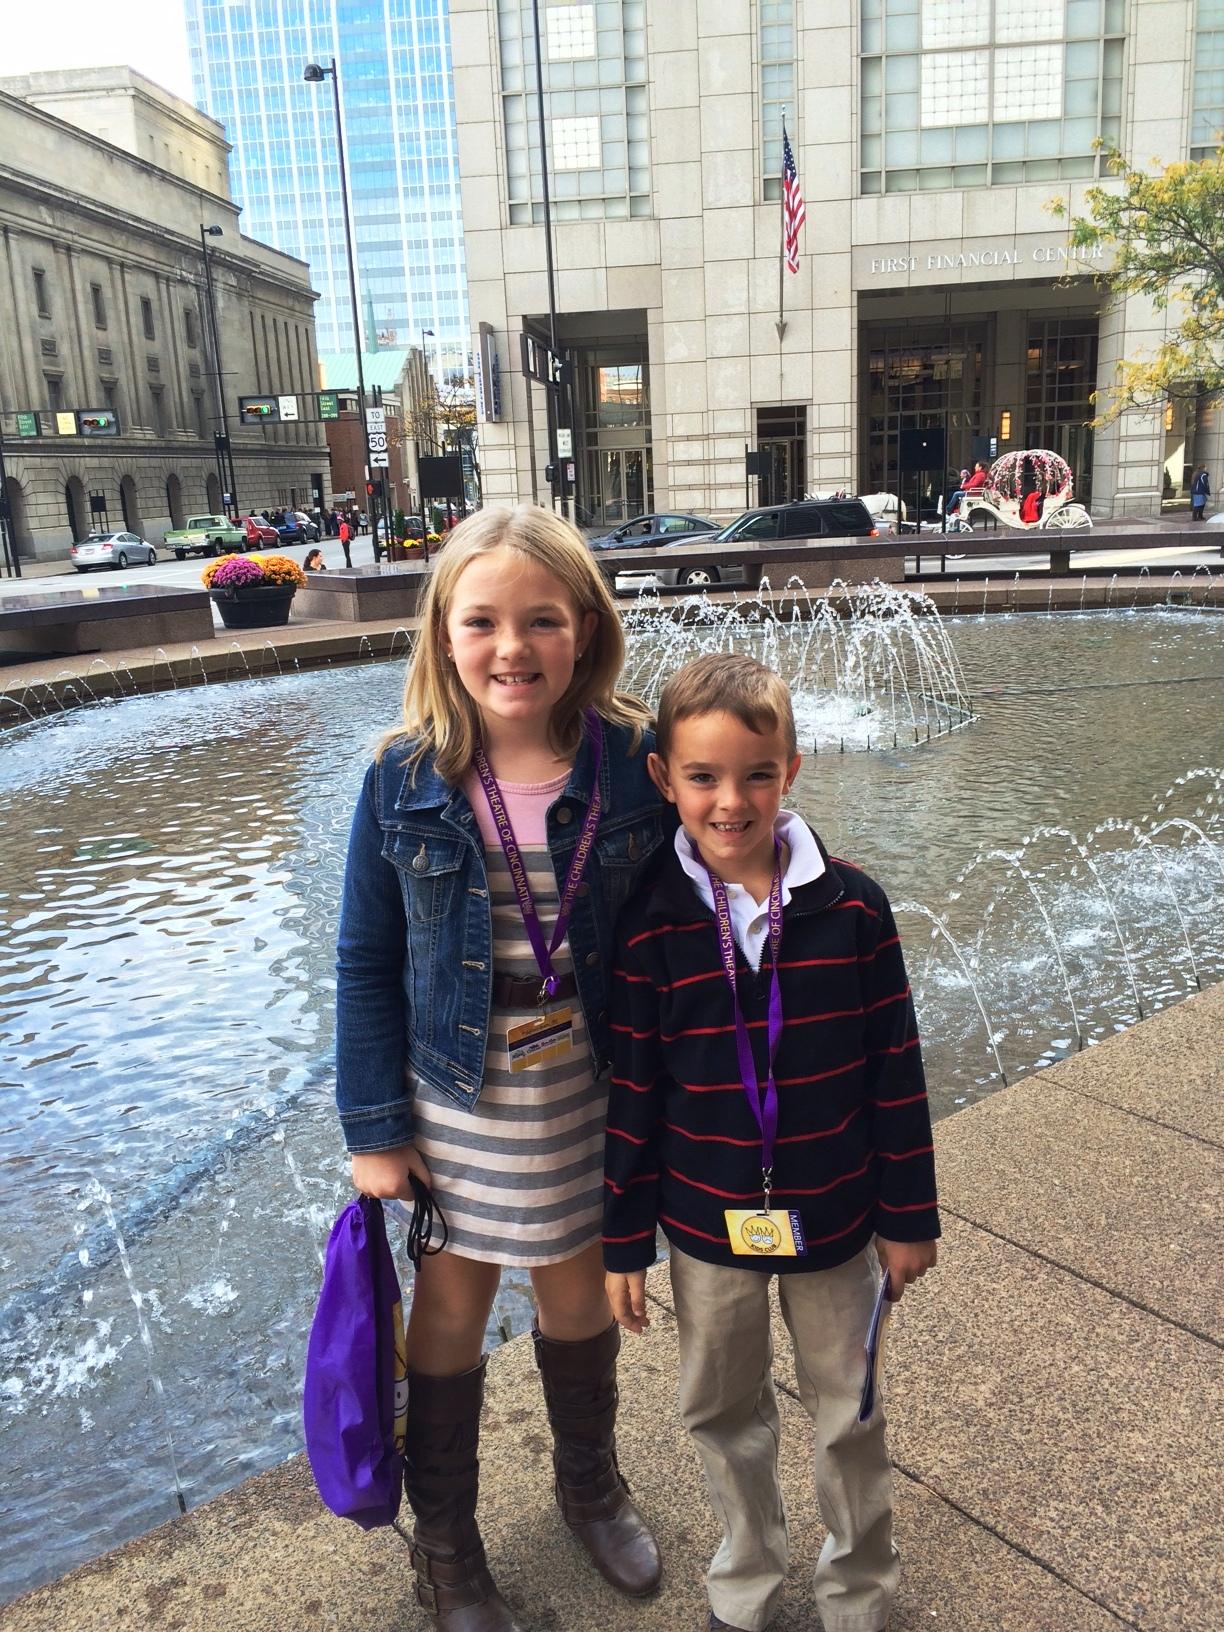 Downtown - Kids